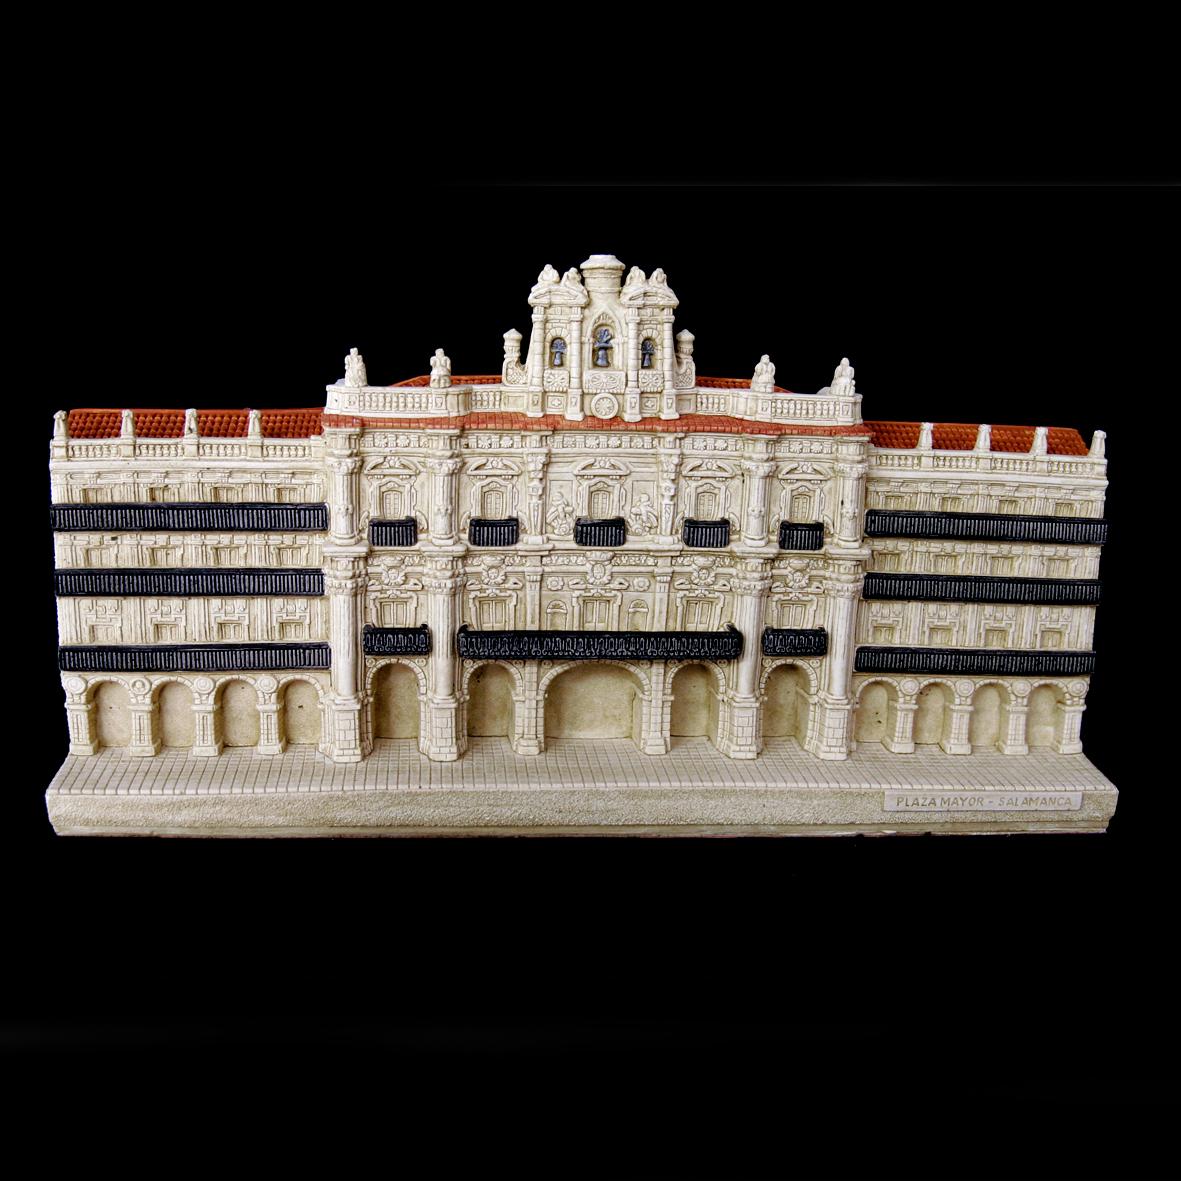 Plaza Mayor con la Fachada del Reloj de Salamanca (Salamanca) (Pequeña)